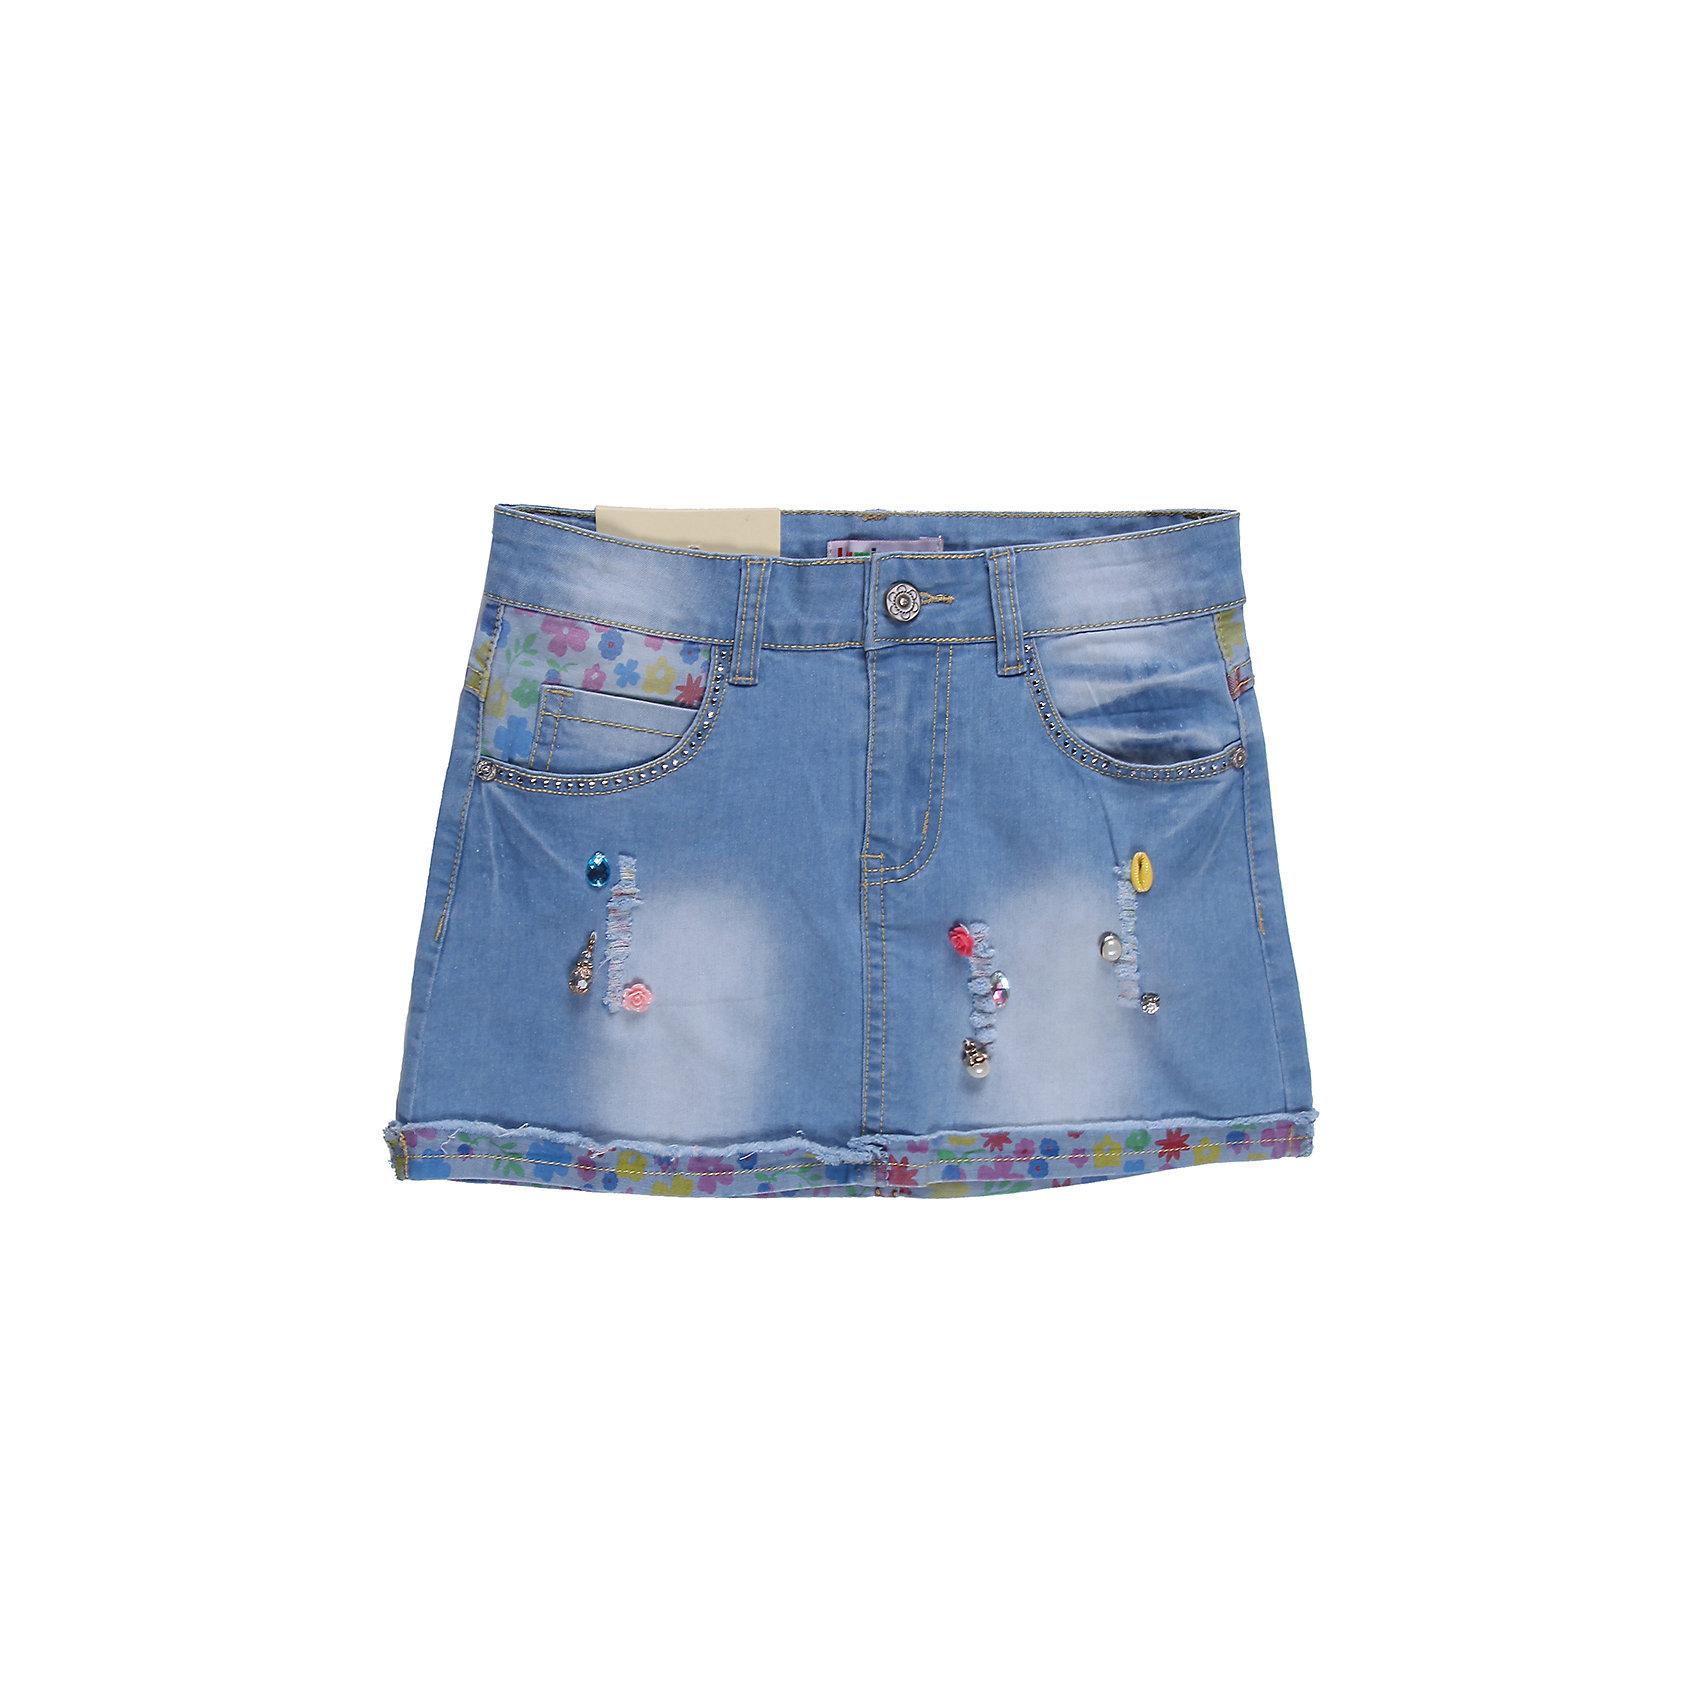 Юбка джинсовая для девочки LuminosoДжинсовая одежда<br>Оригинальная джинсовая юбка, со вставками из принтованной джинсы, потертостями и рваным краем, украшена разнообразной фурнитурой.<br>Состав:<br>98% хлопок 2%эластан<br><br>Ширина мм: 207<br>Глубина мм: 10<br>Высота мм: 189<br>Вес г: 183<br>Цвет: синий<br>Возраст от месяцев: 144<br>Возраст до месяцев: 156<br>Пол: Женский<br>Возраст: Детский<br>Размер: 158,164,134,152,140,146<br>SKU: 4521779